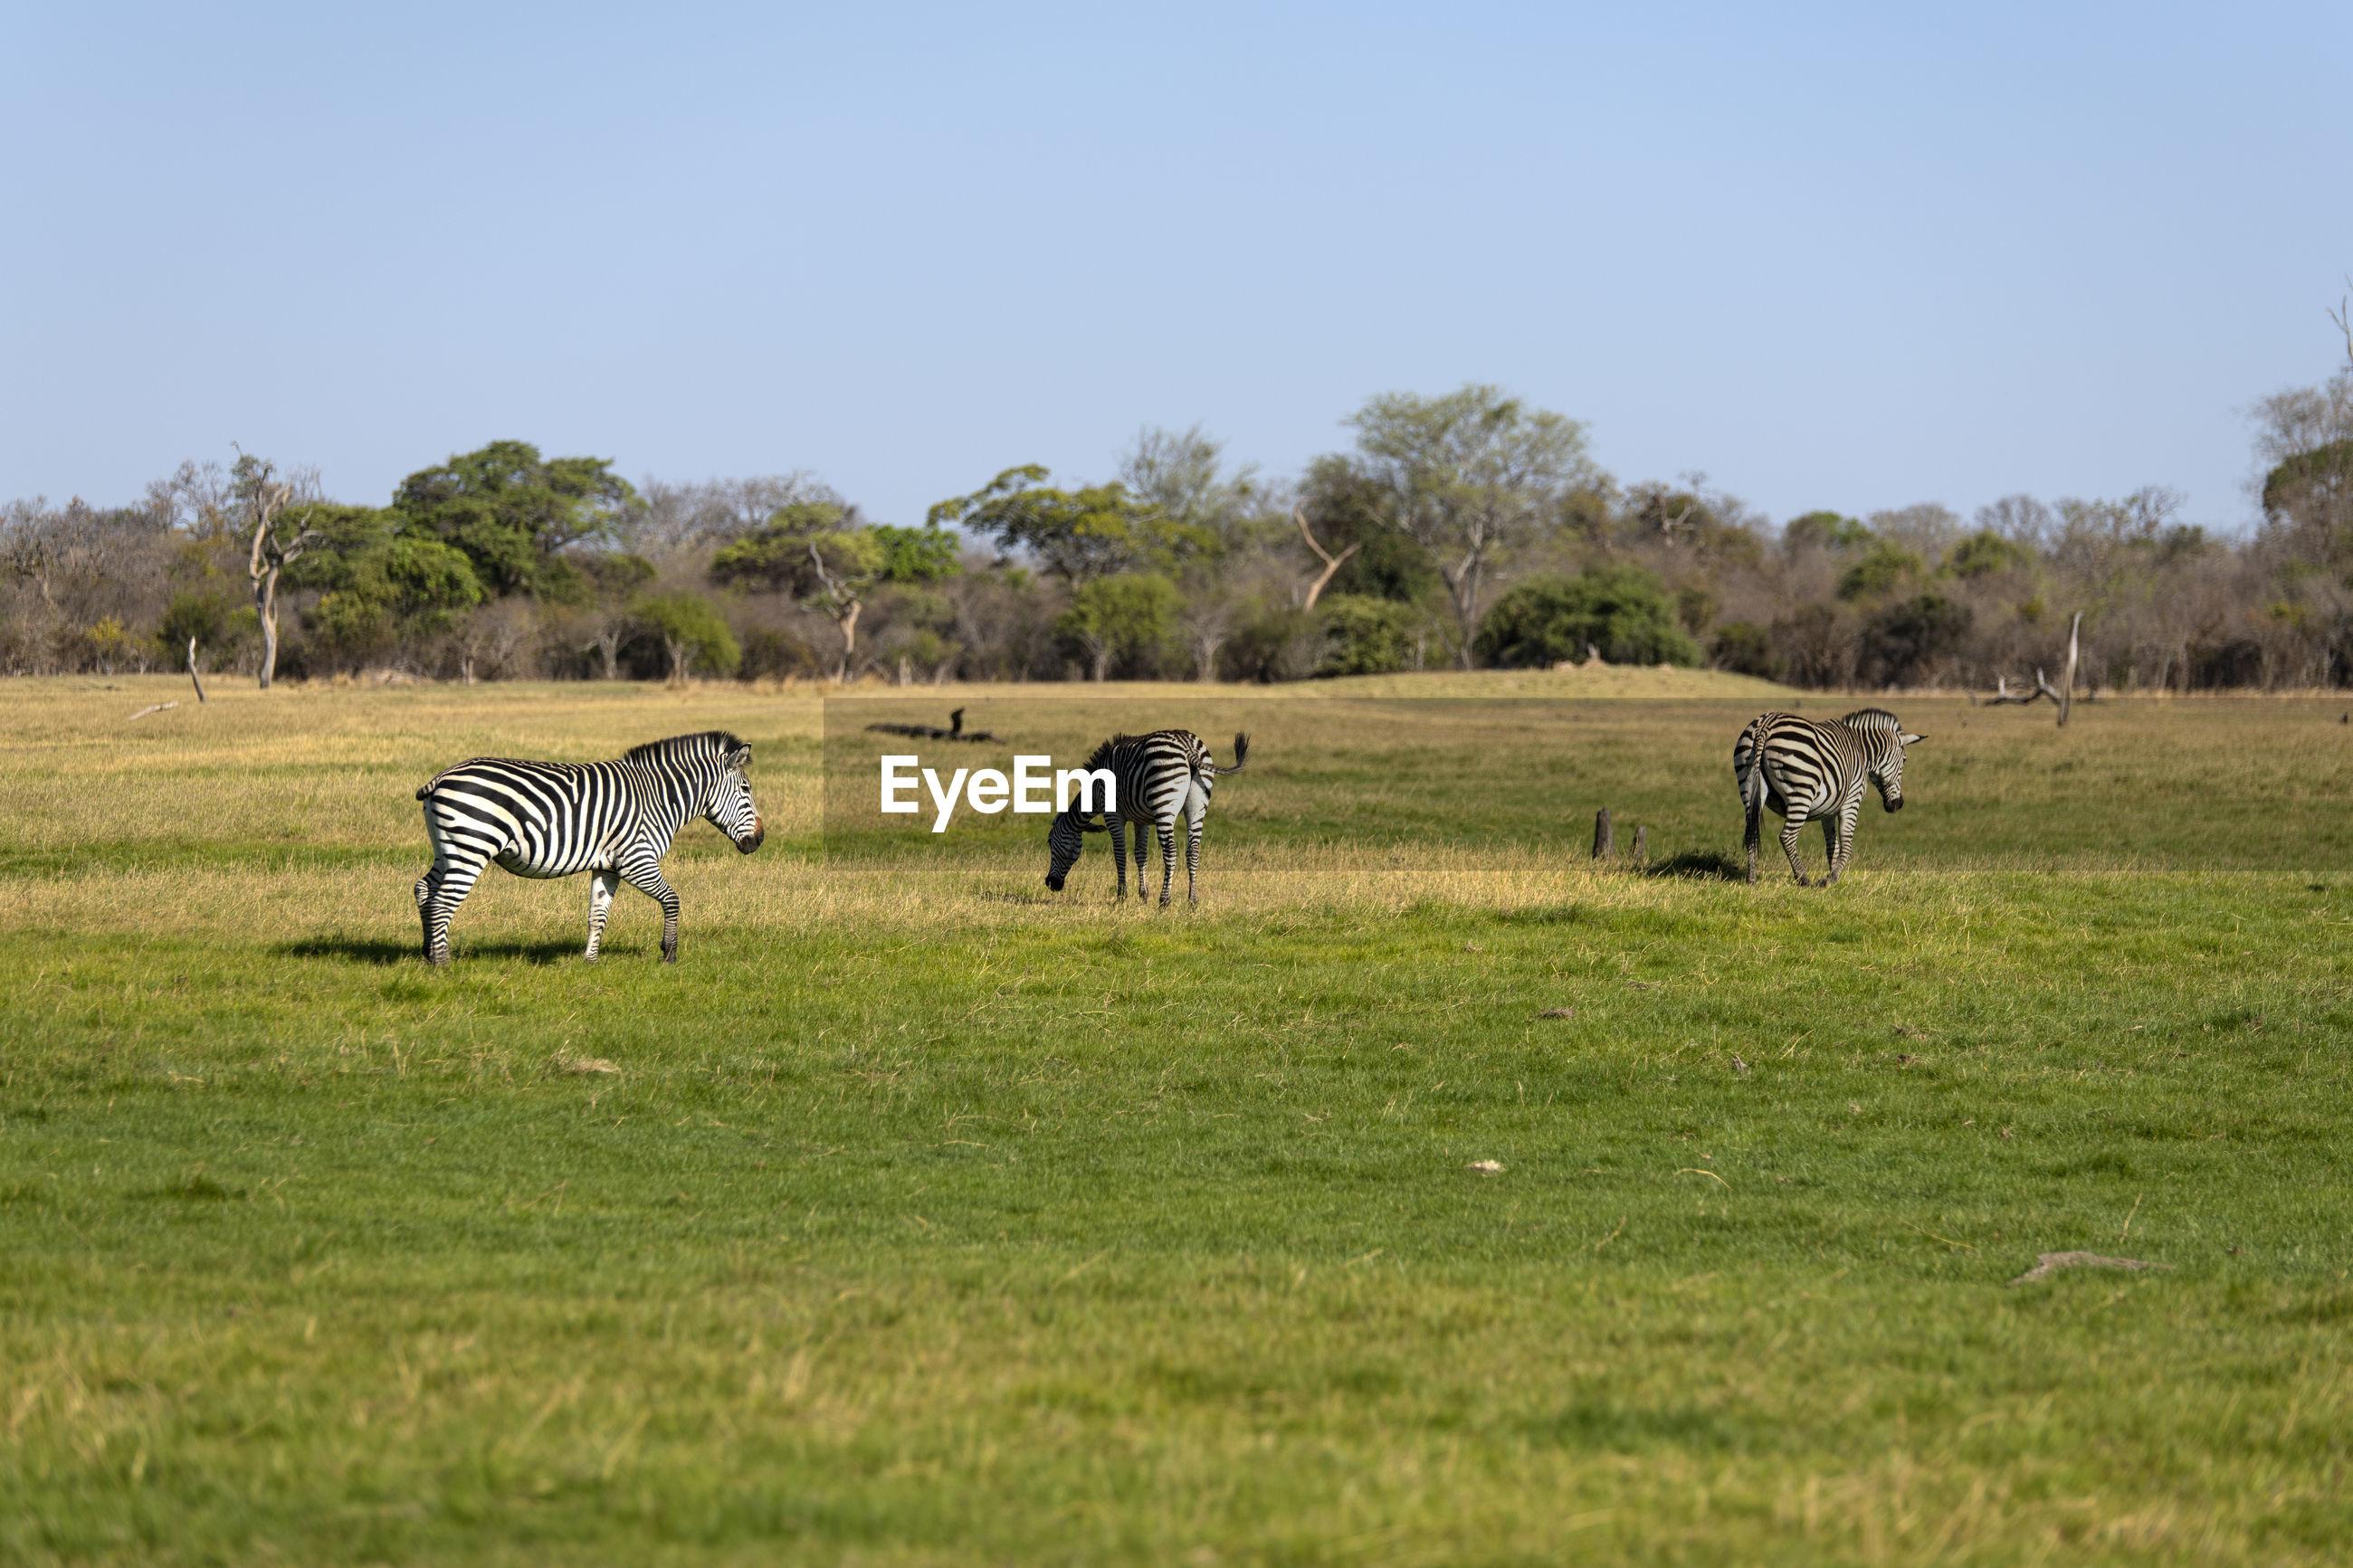 View of zebras on grassy field